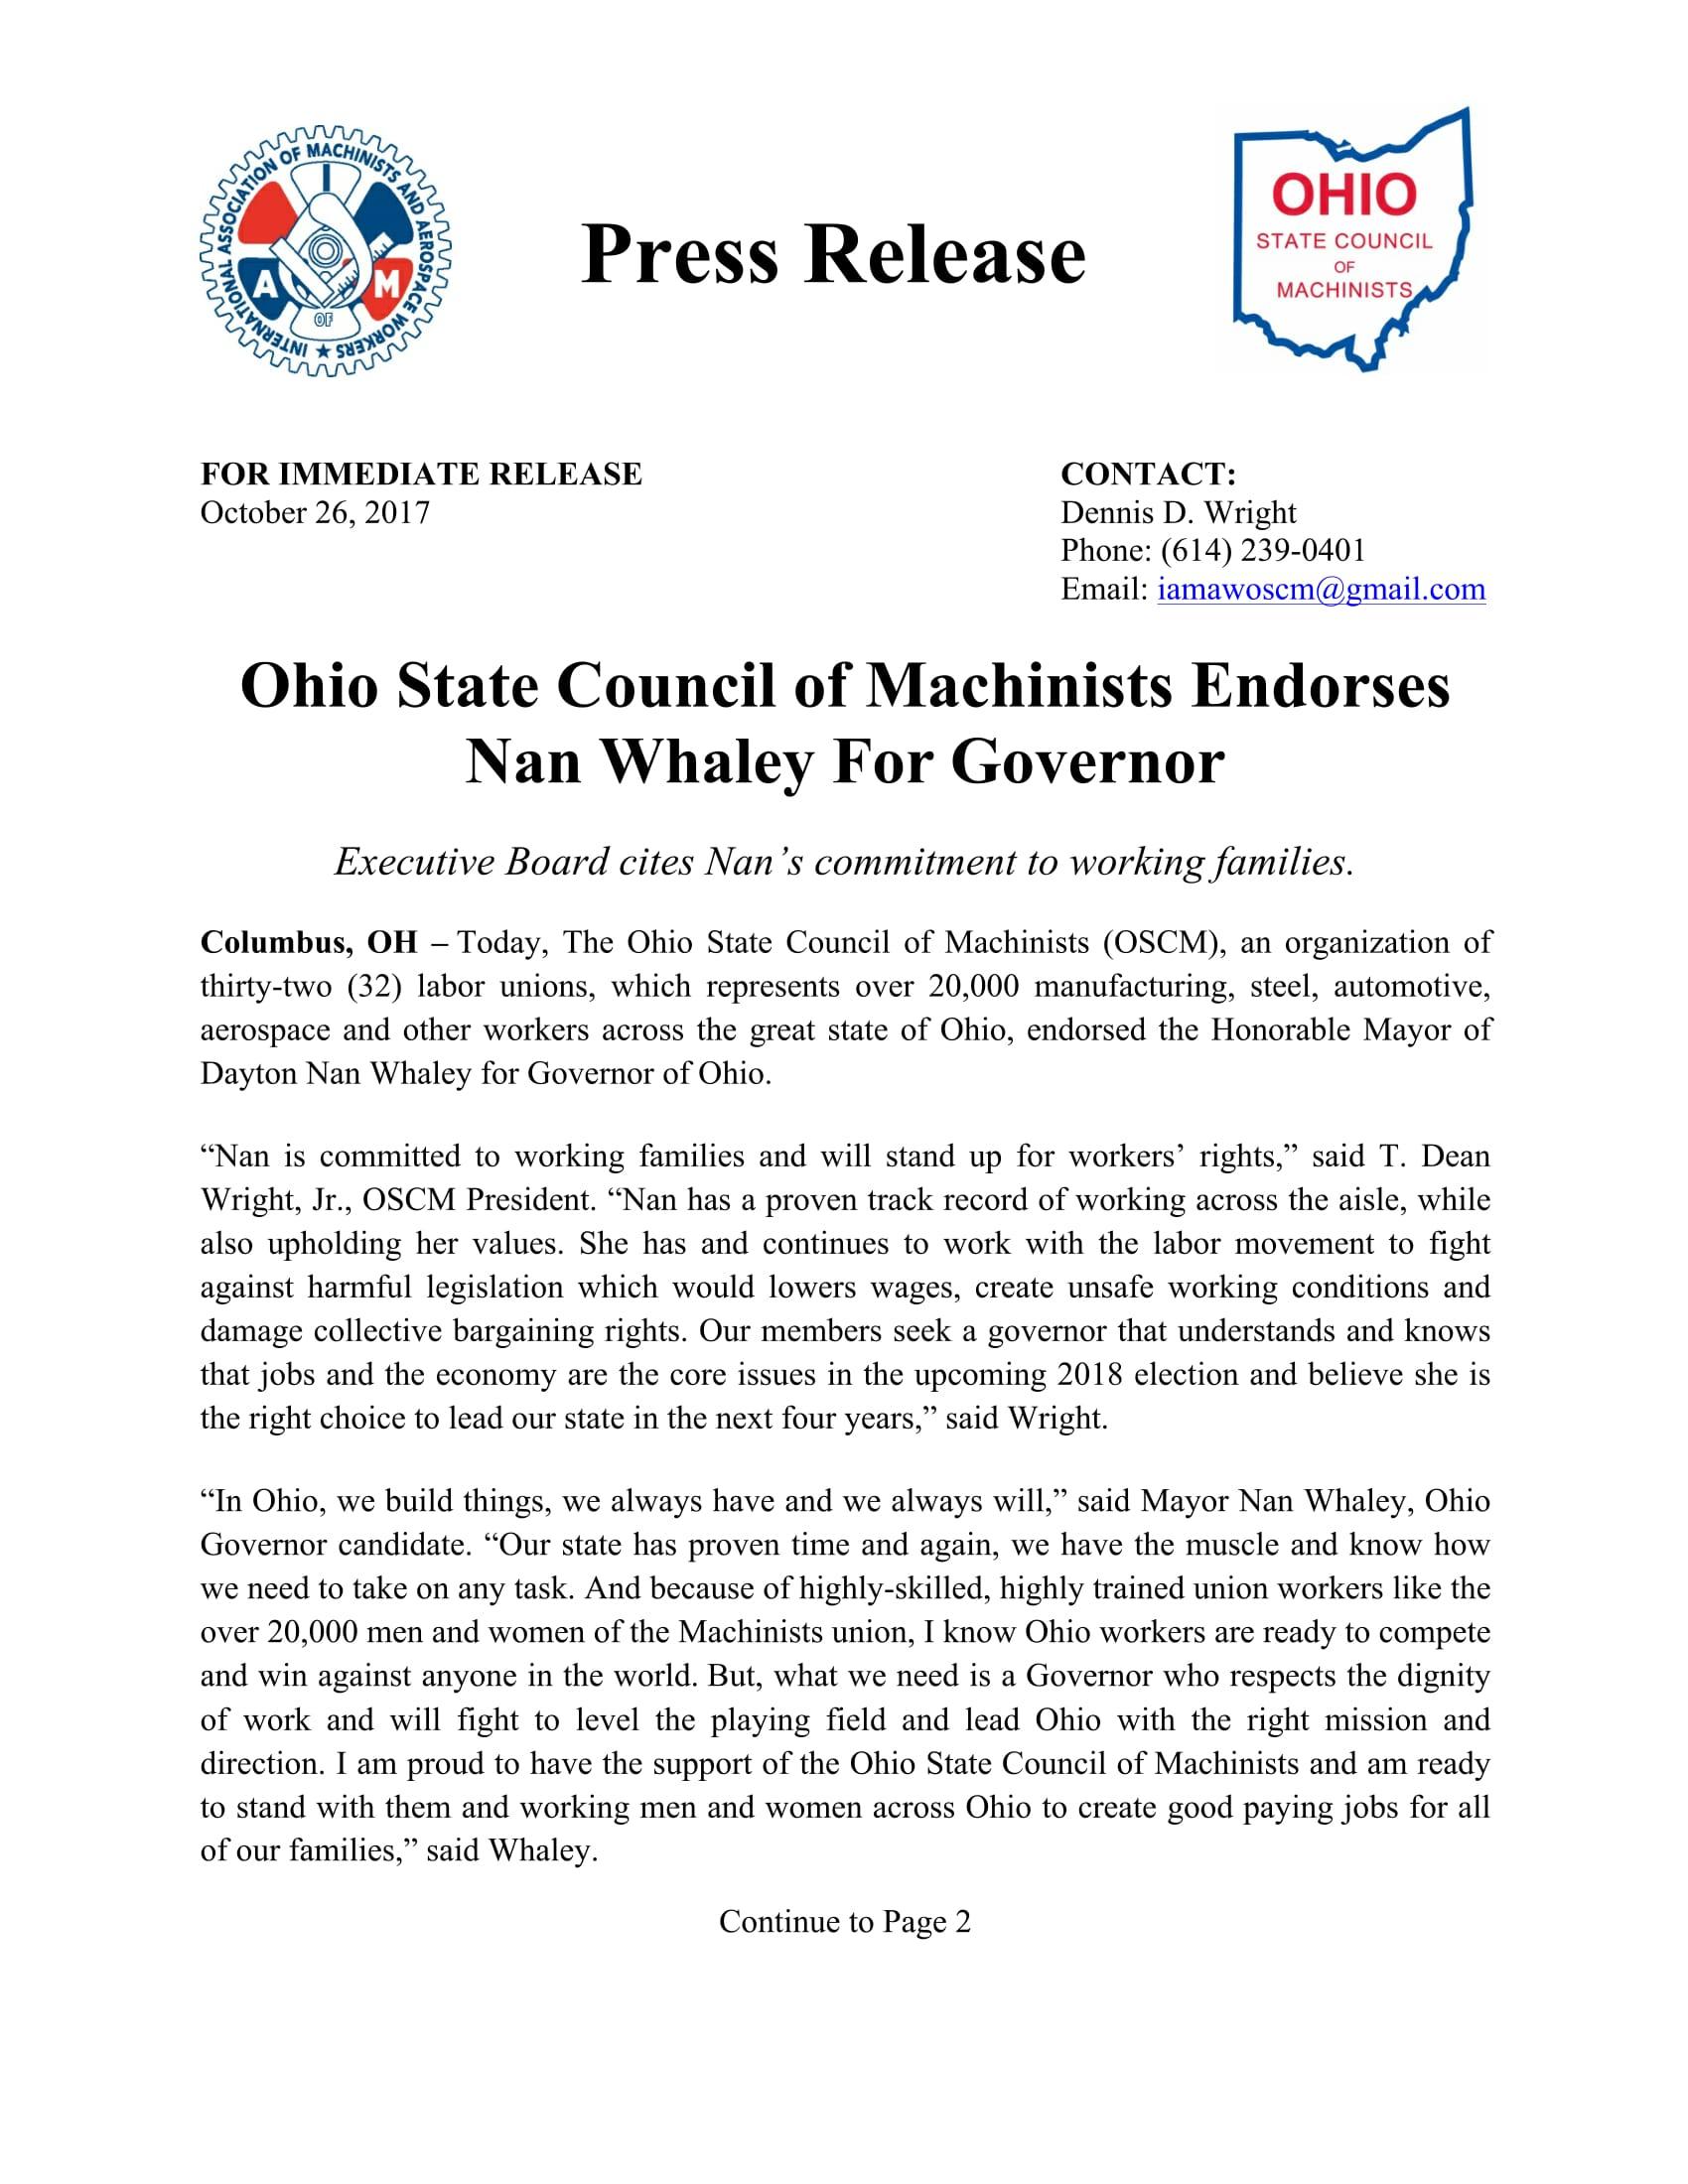 Press Release_OSCM Endorse Nan Whaley For Governor_102617-1